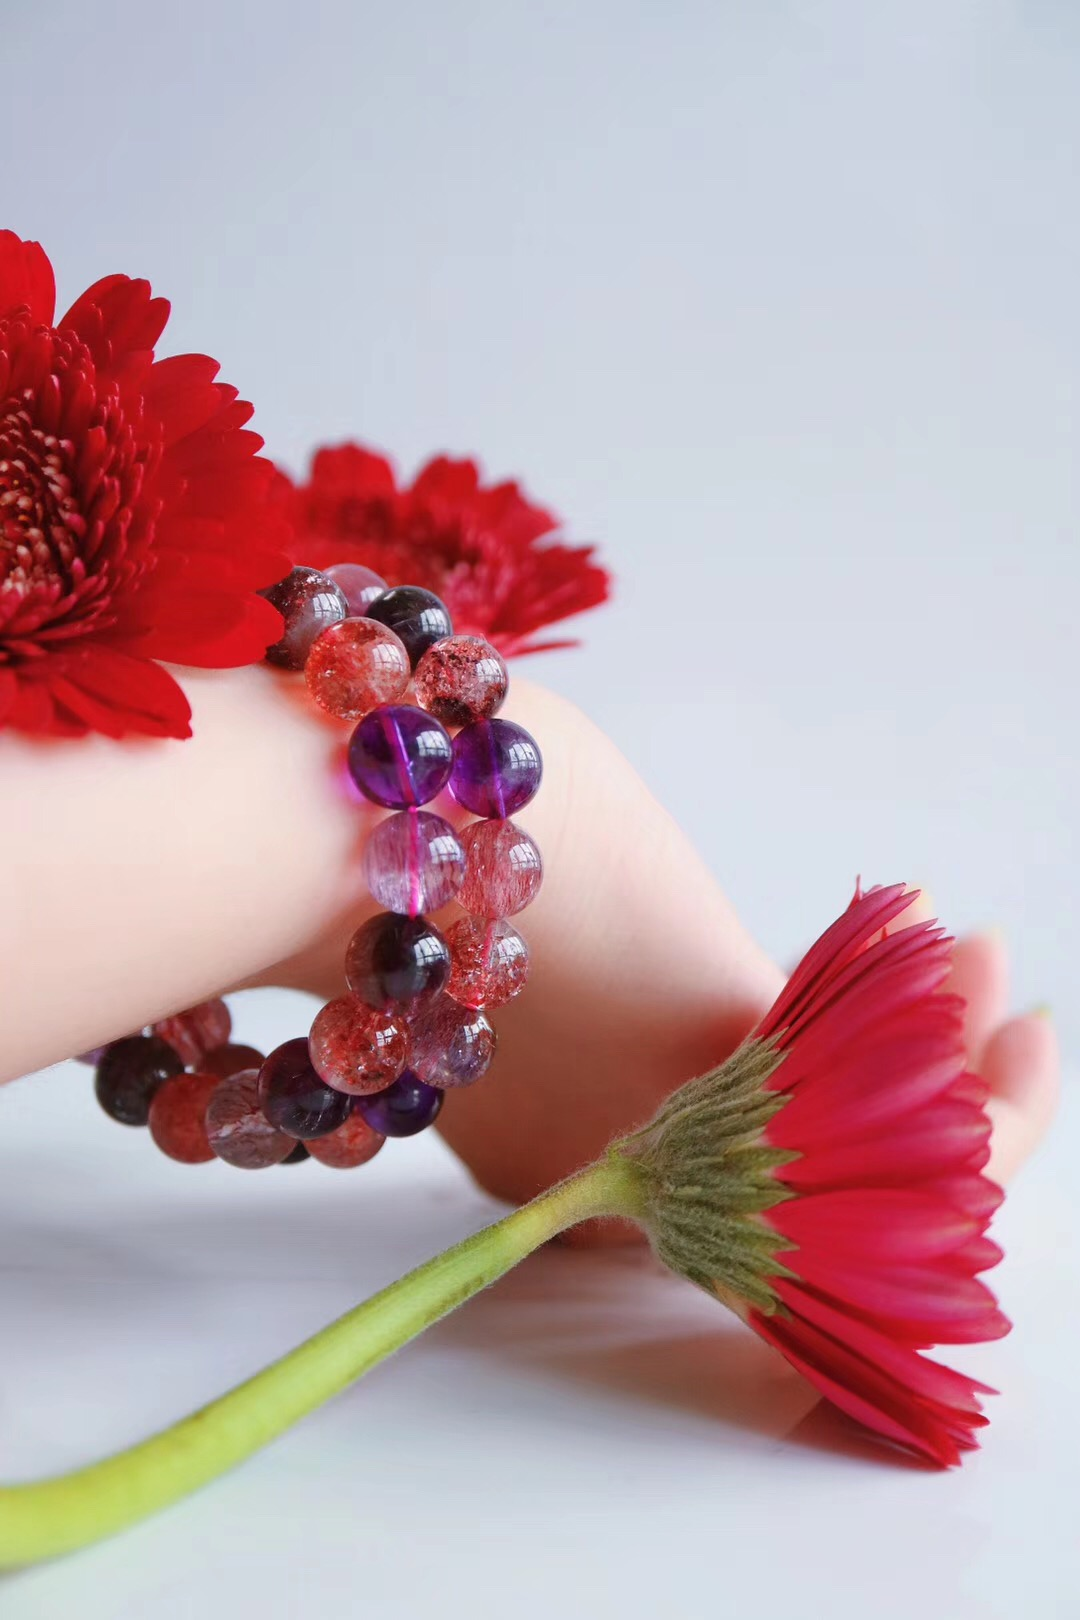 【菩心-紫发晶&超七】若你是水晶收藏者,紫发晶是绝不容错过的-菩心晶舍